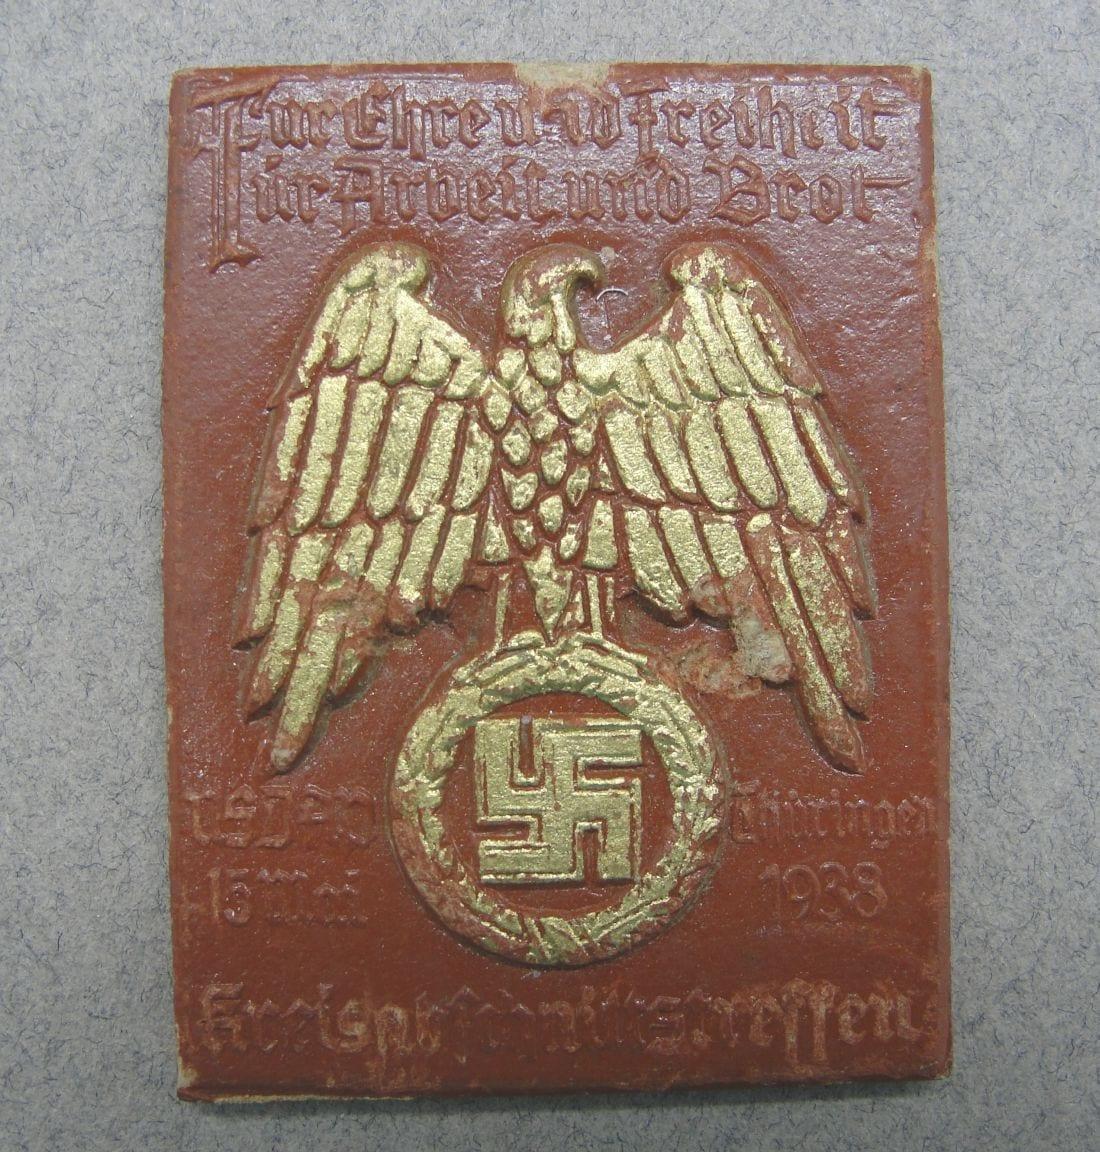 1938 Thüringen Tinnie - Pine Gone